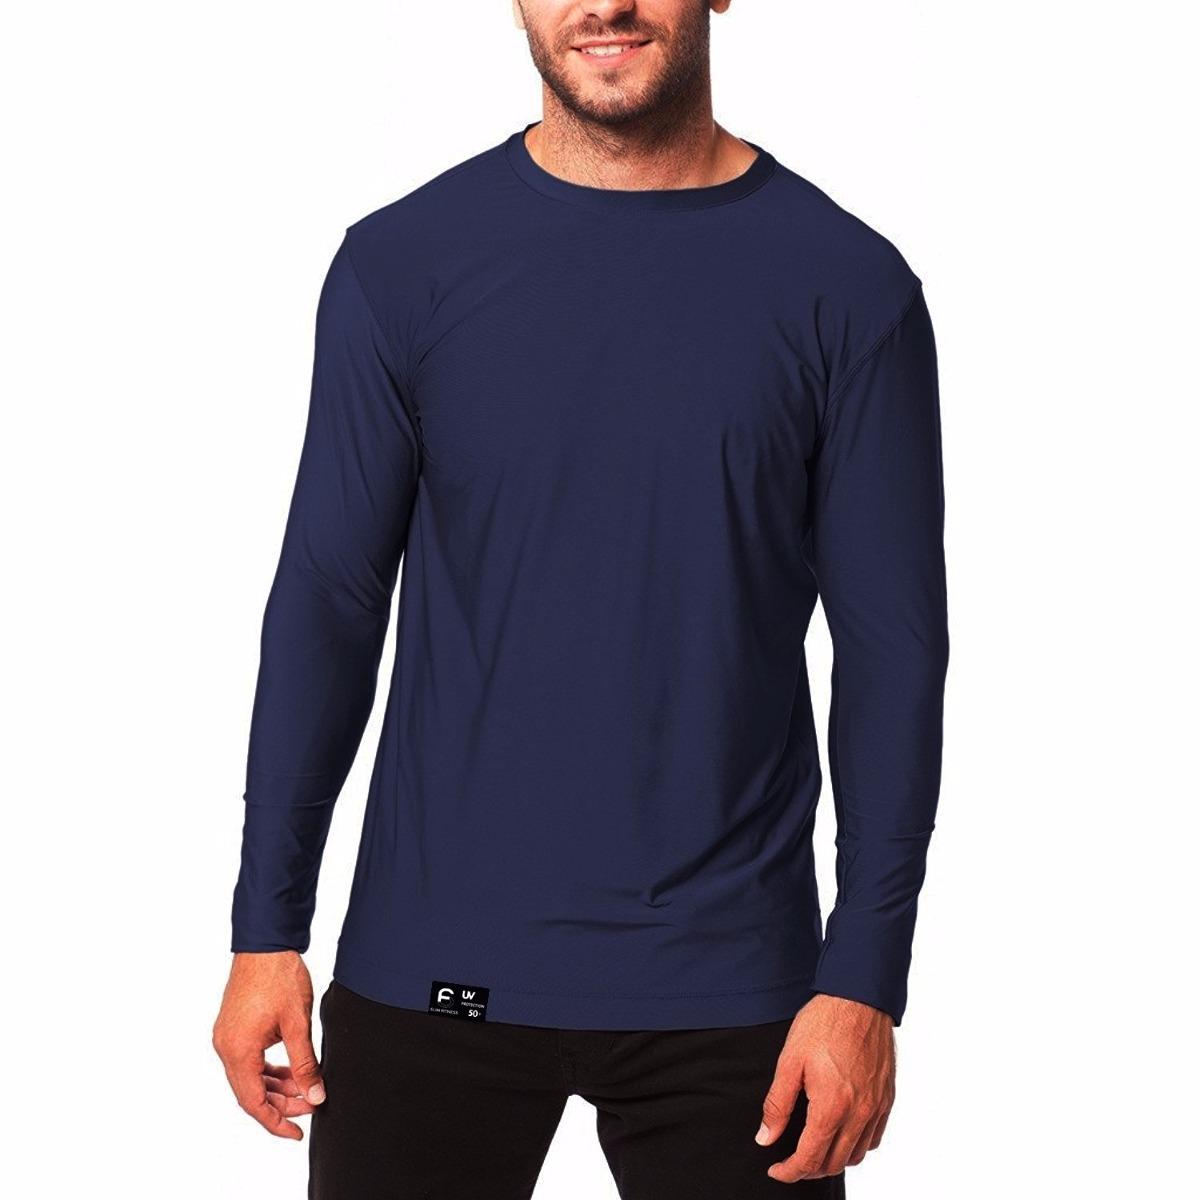 Carregando zoom... camisa térmica com proteção solar uv 50+ plus size ... fc13abfc991dc